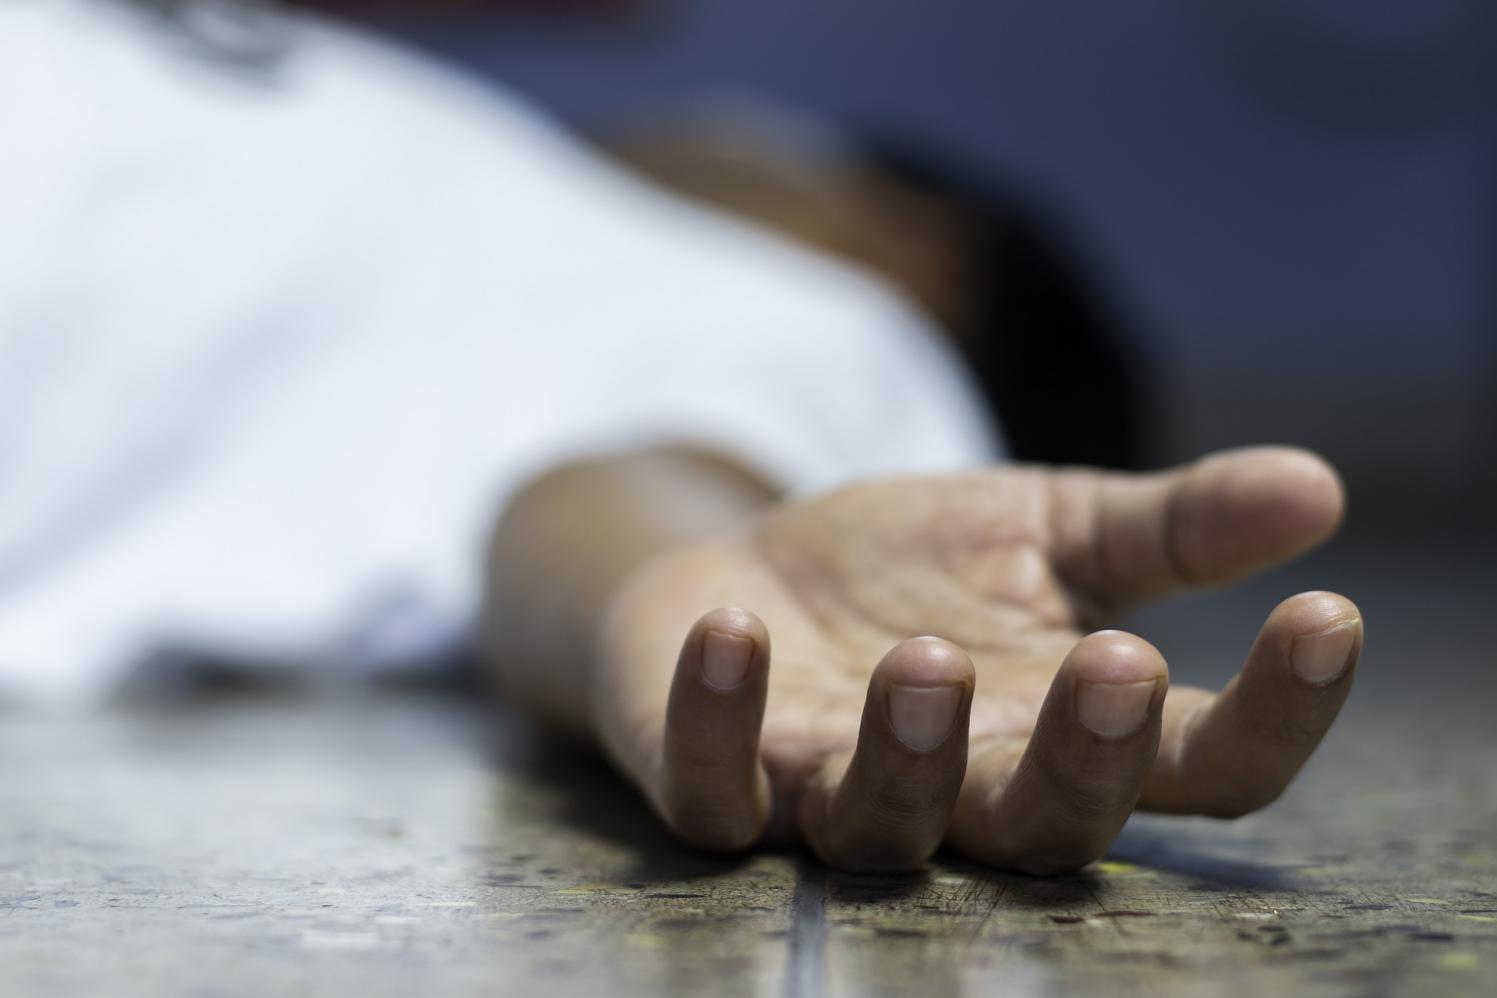 Em Limeira, 800 pessoas morreram em decorrência do coronavírus